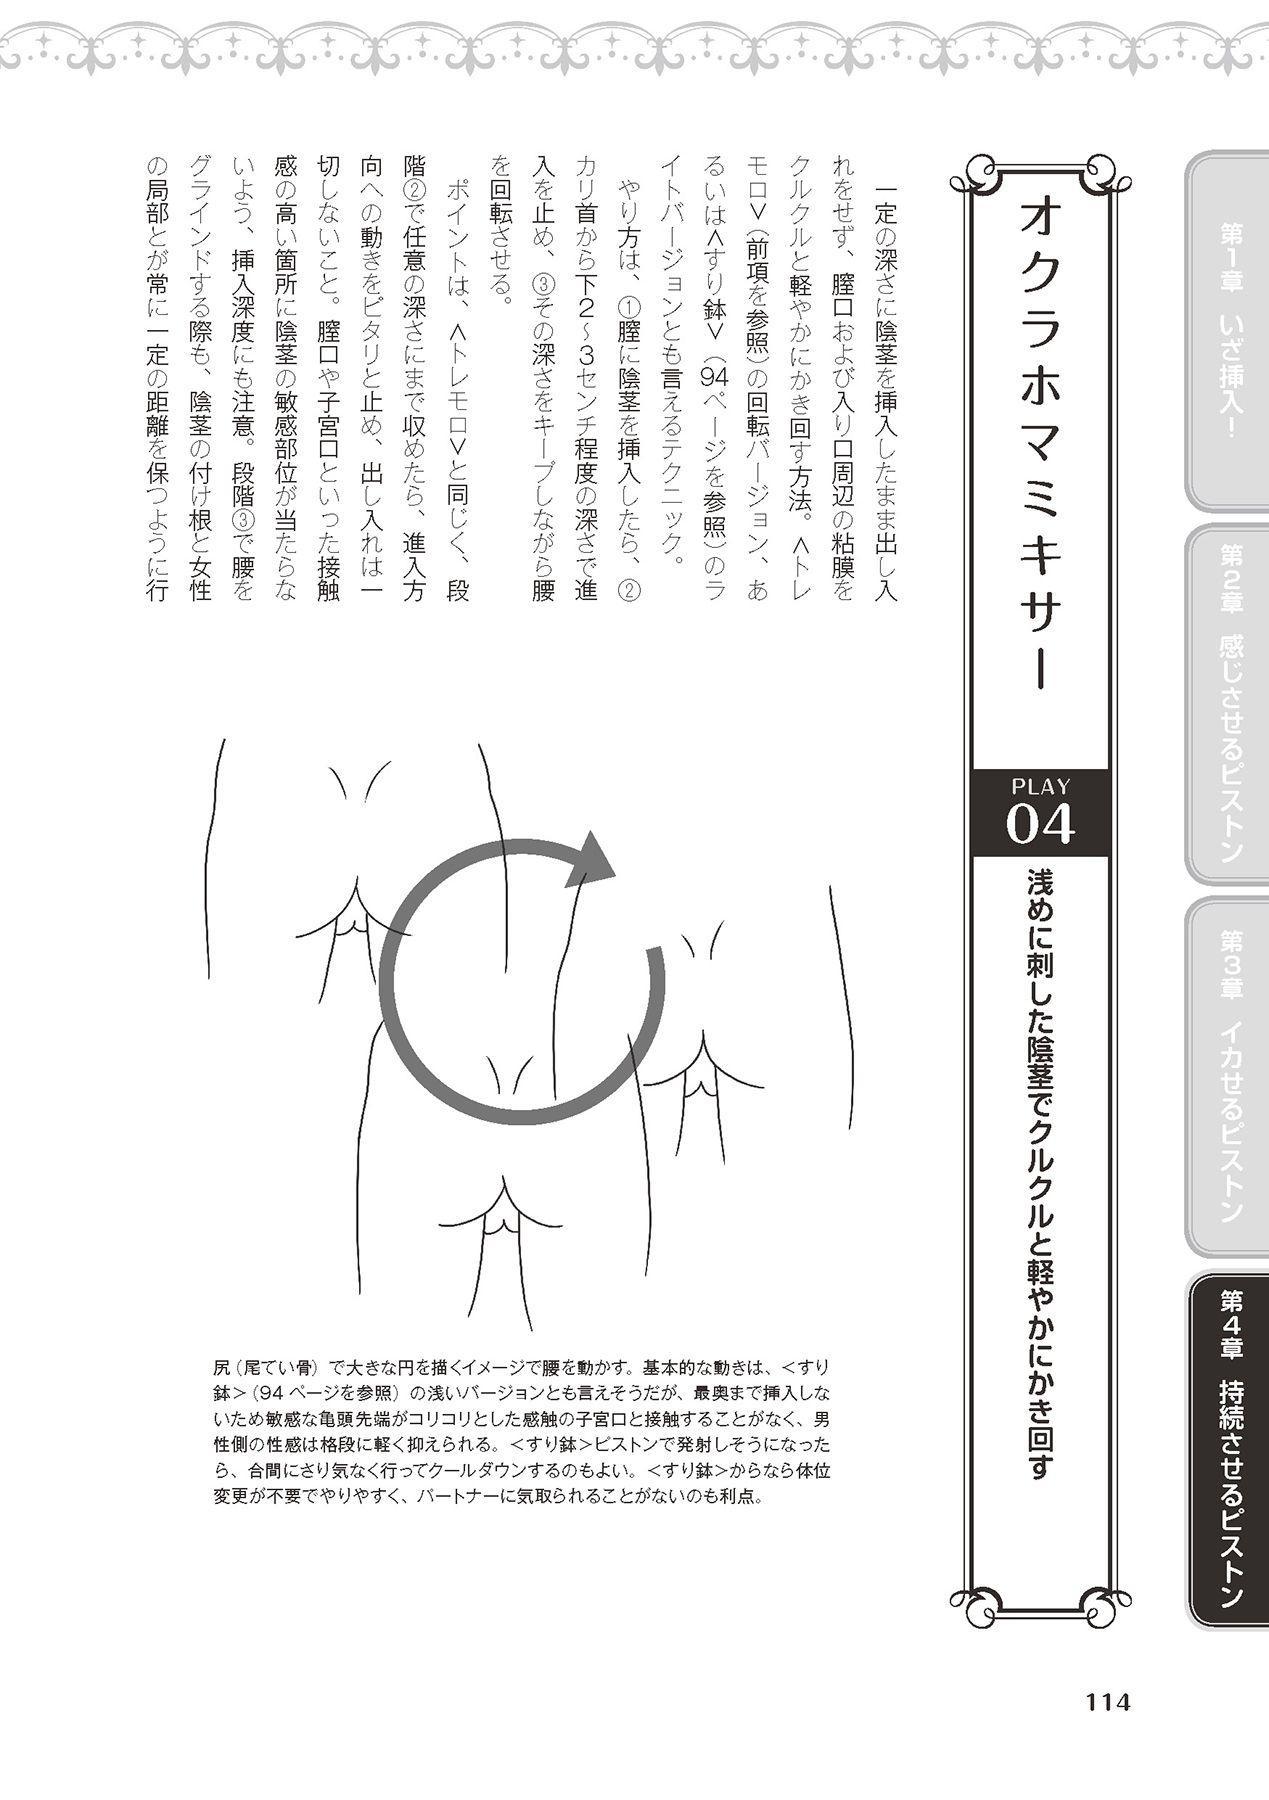 膣挿入&ピストン運動完全マニュアル イラスト版……ピスとんッ! 115